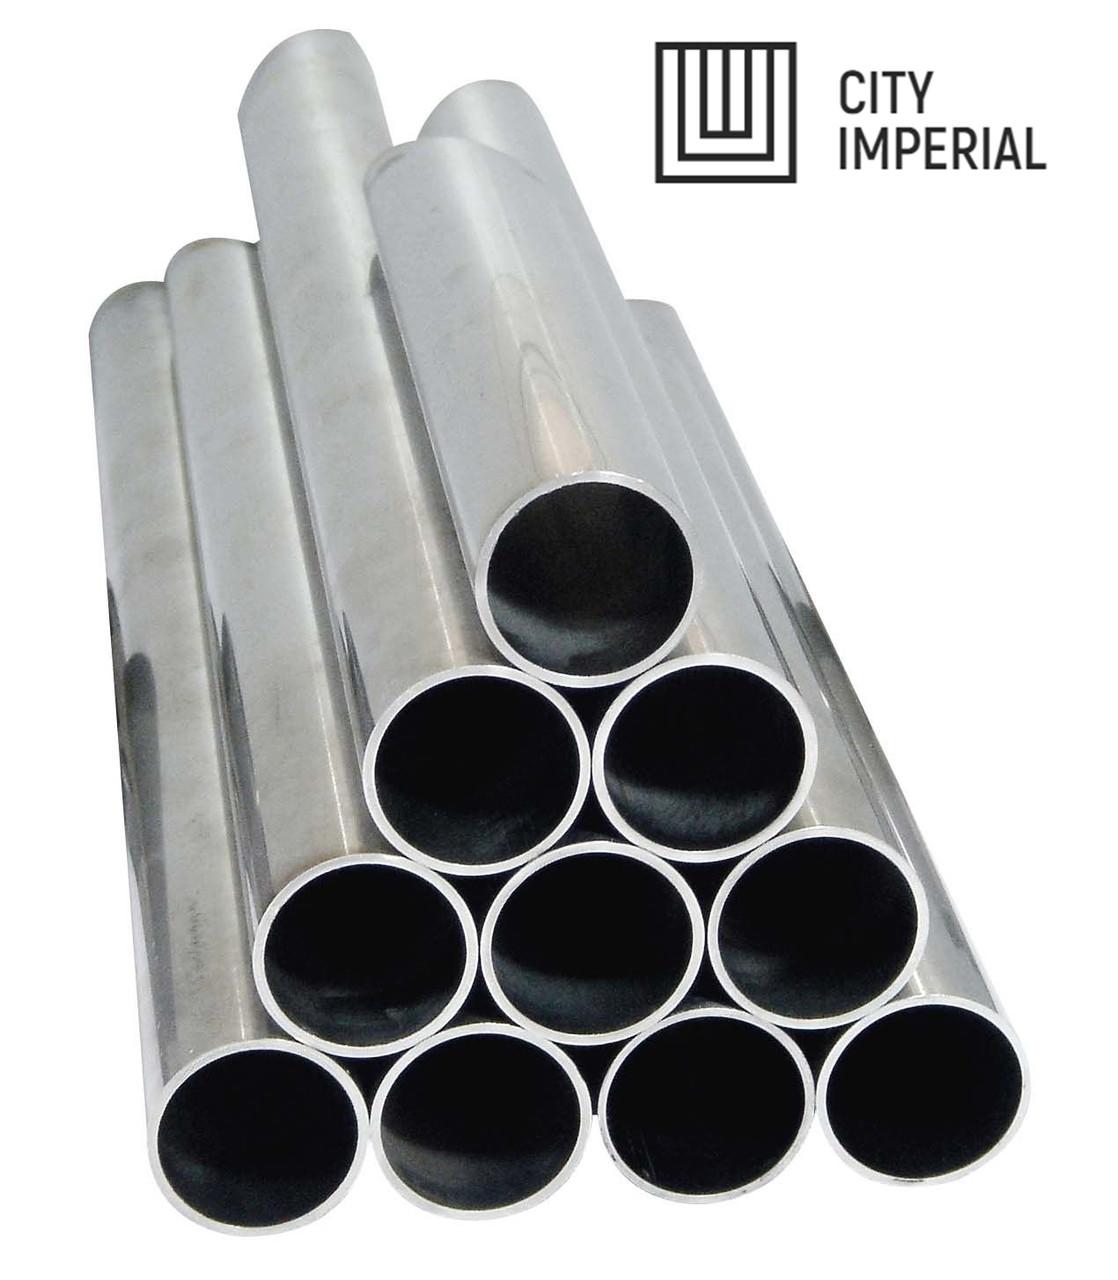 Труба 159 х 18 сталь 12ХНМ